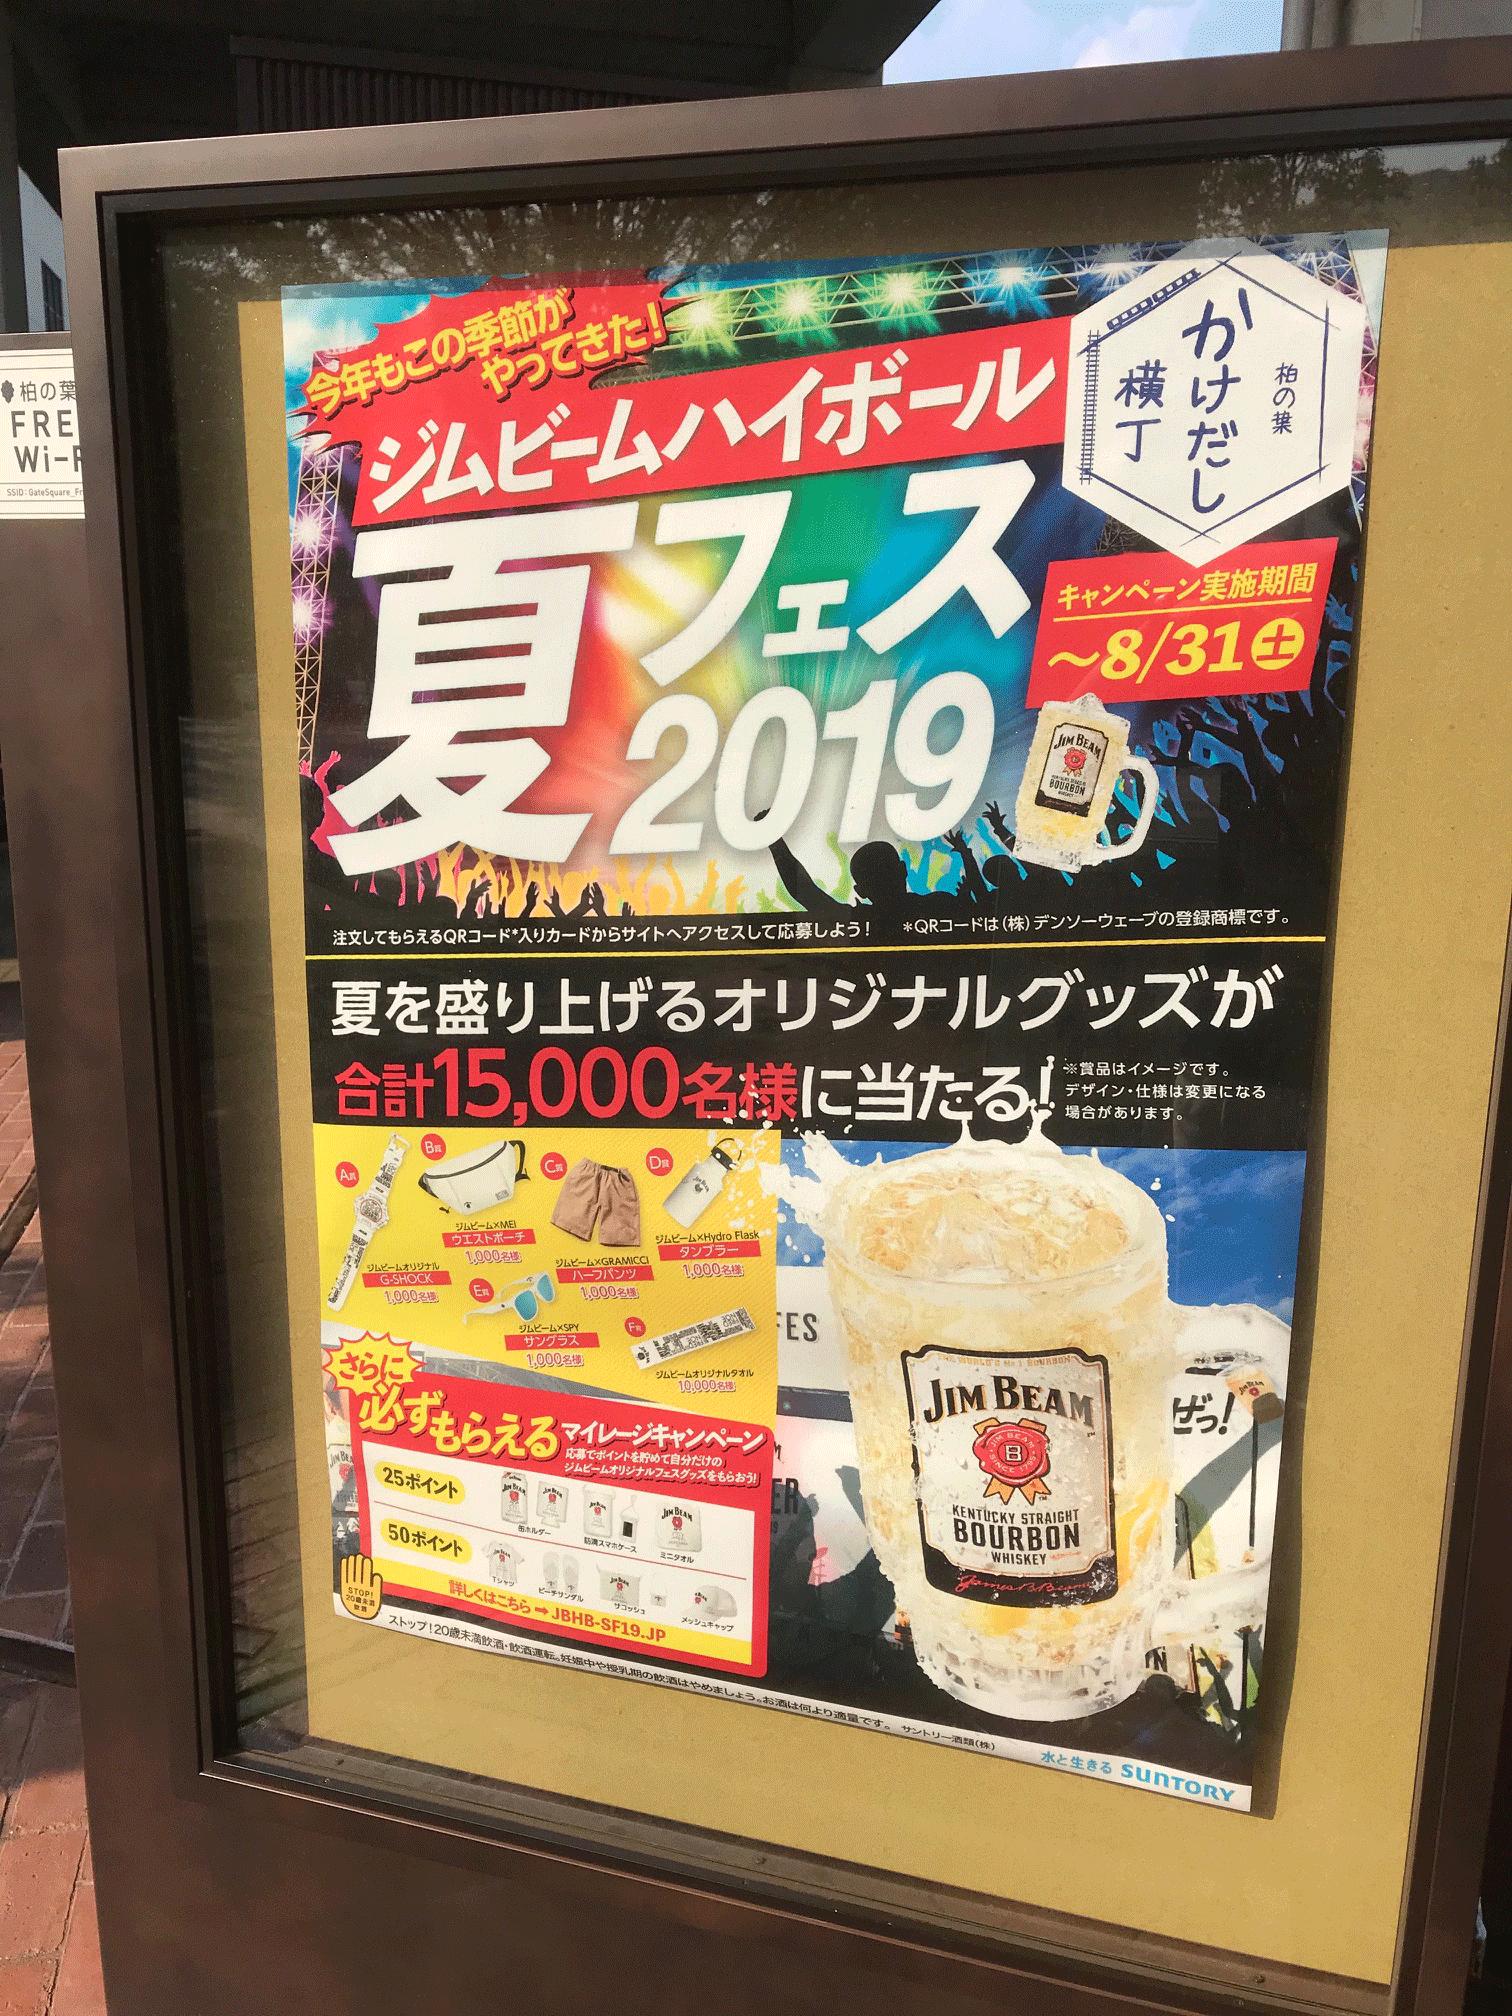 ☆★☆ジムビームハイボール夏フェス2019☆★☆